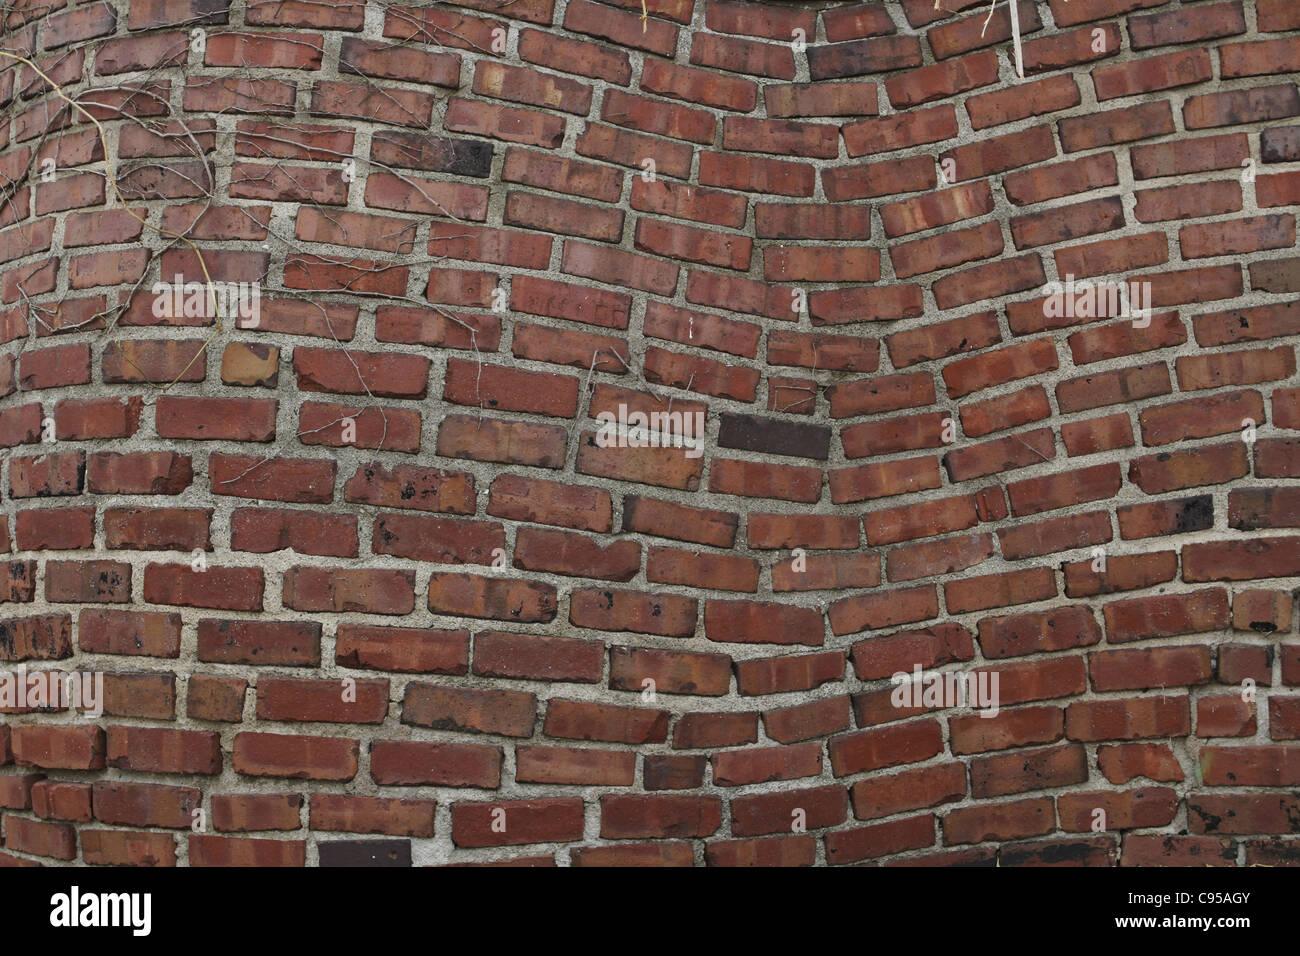 A warped looking brick wall. - Stock Image